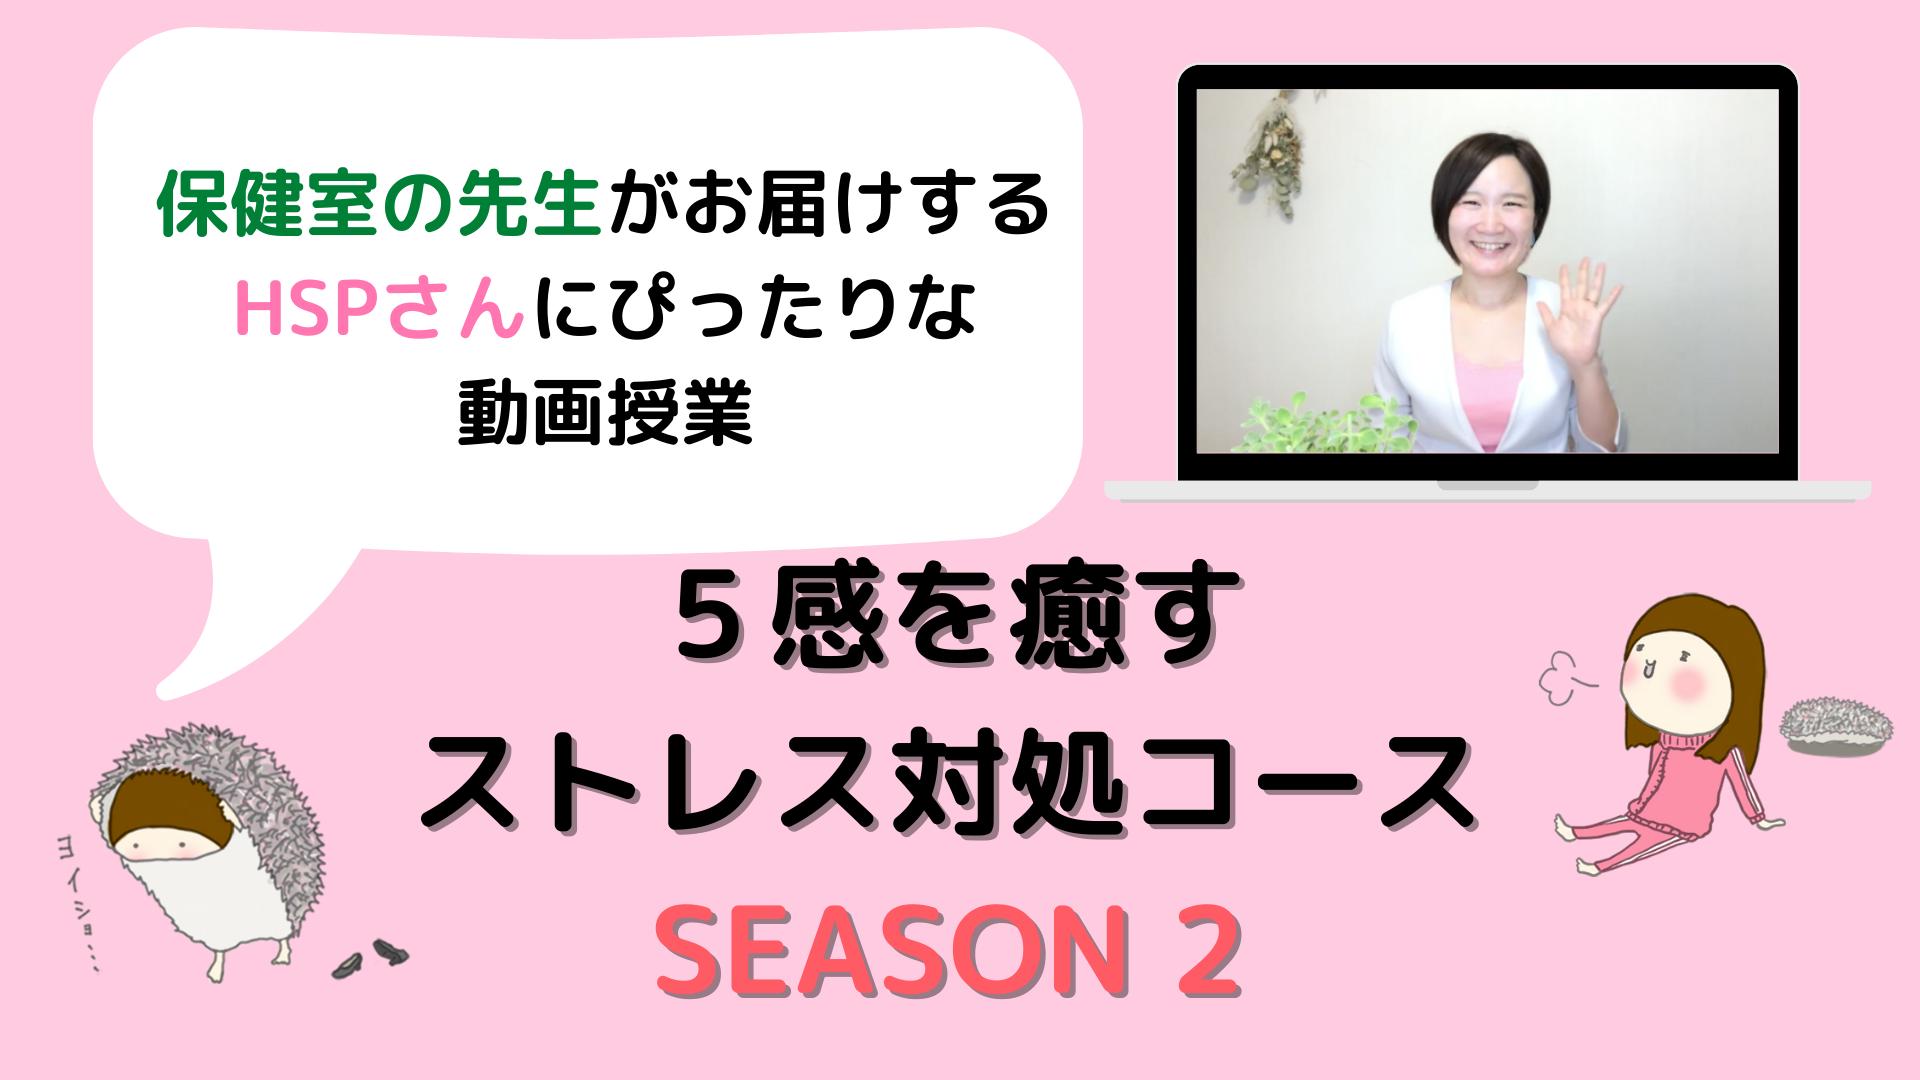 【HSPさんにもピッタリ!5感を癒すストレス対処コース】season2